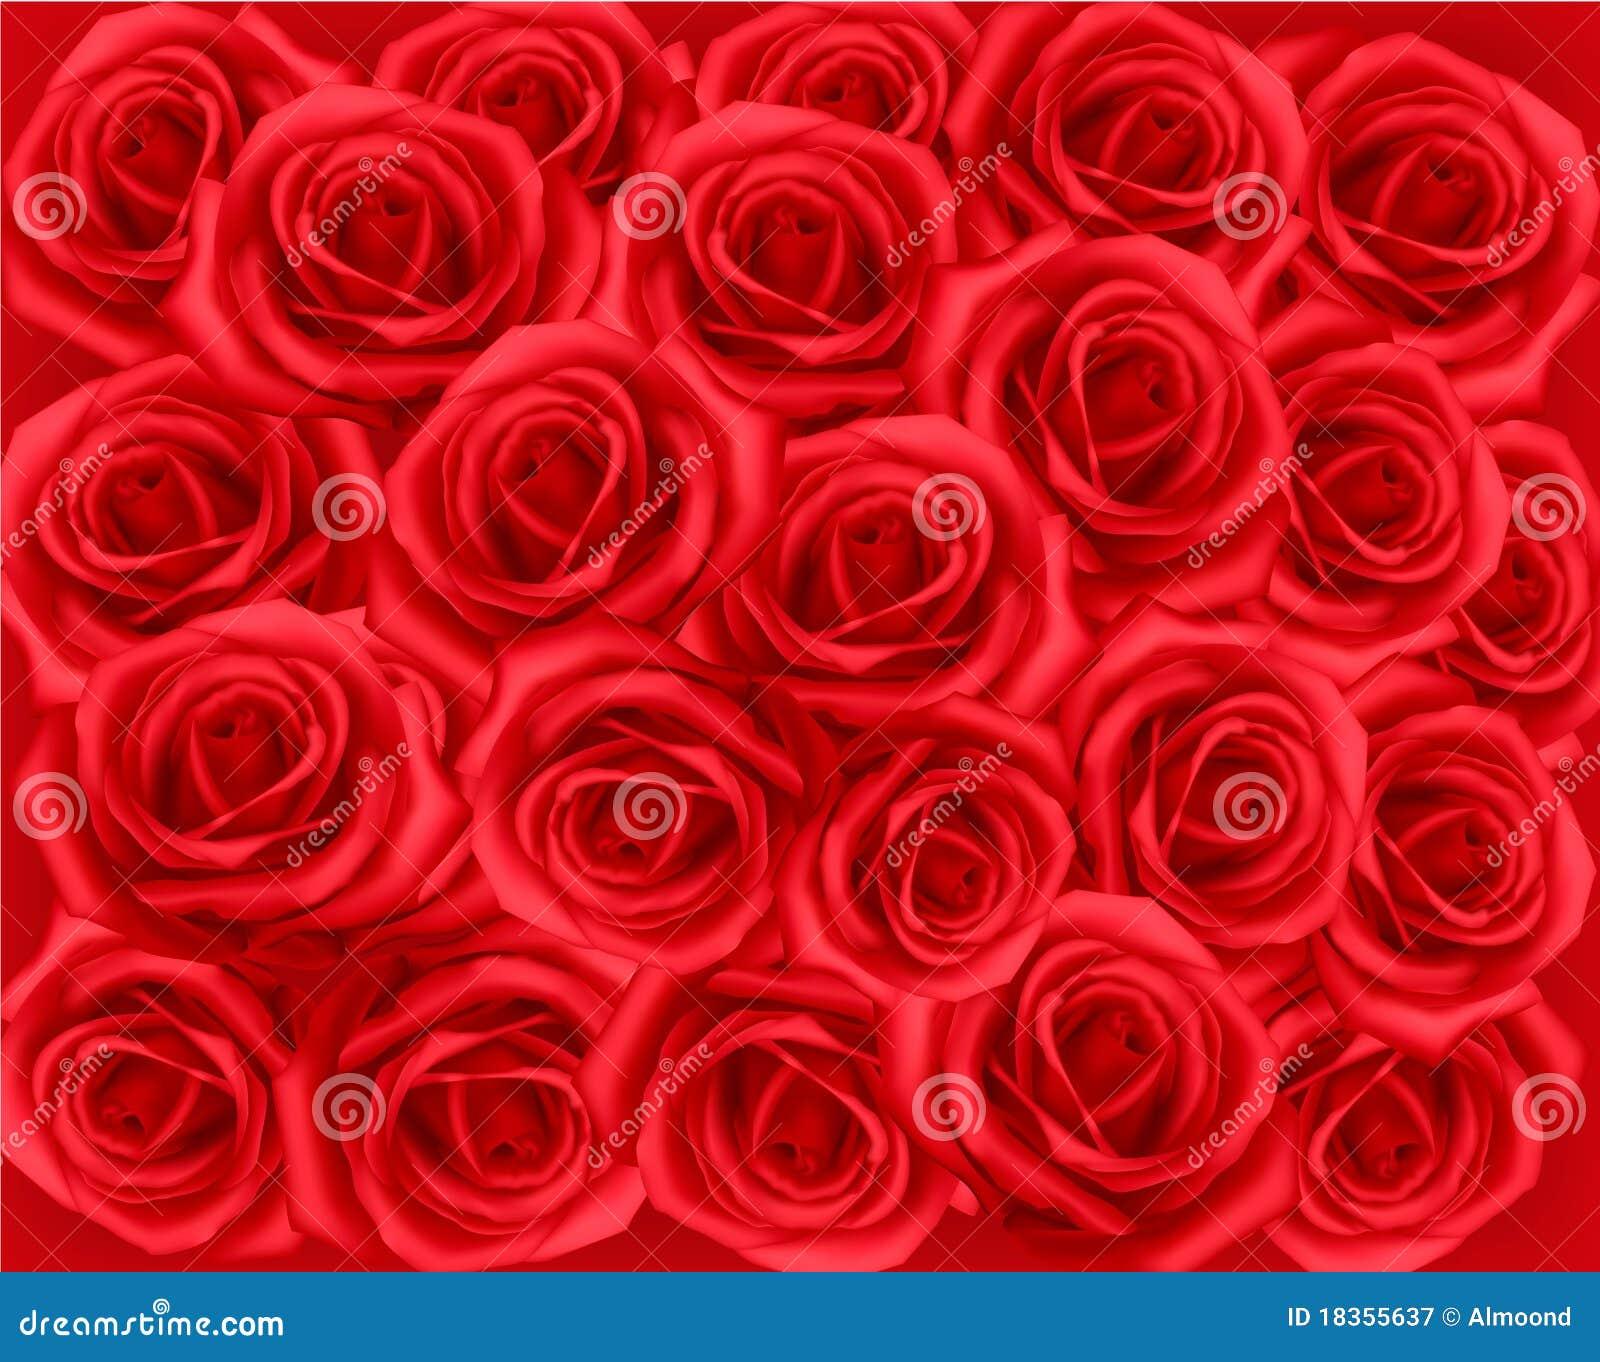 fundos fresco texturas vermelhas - photo #4